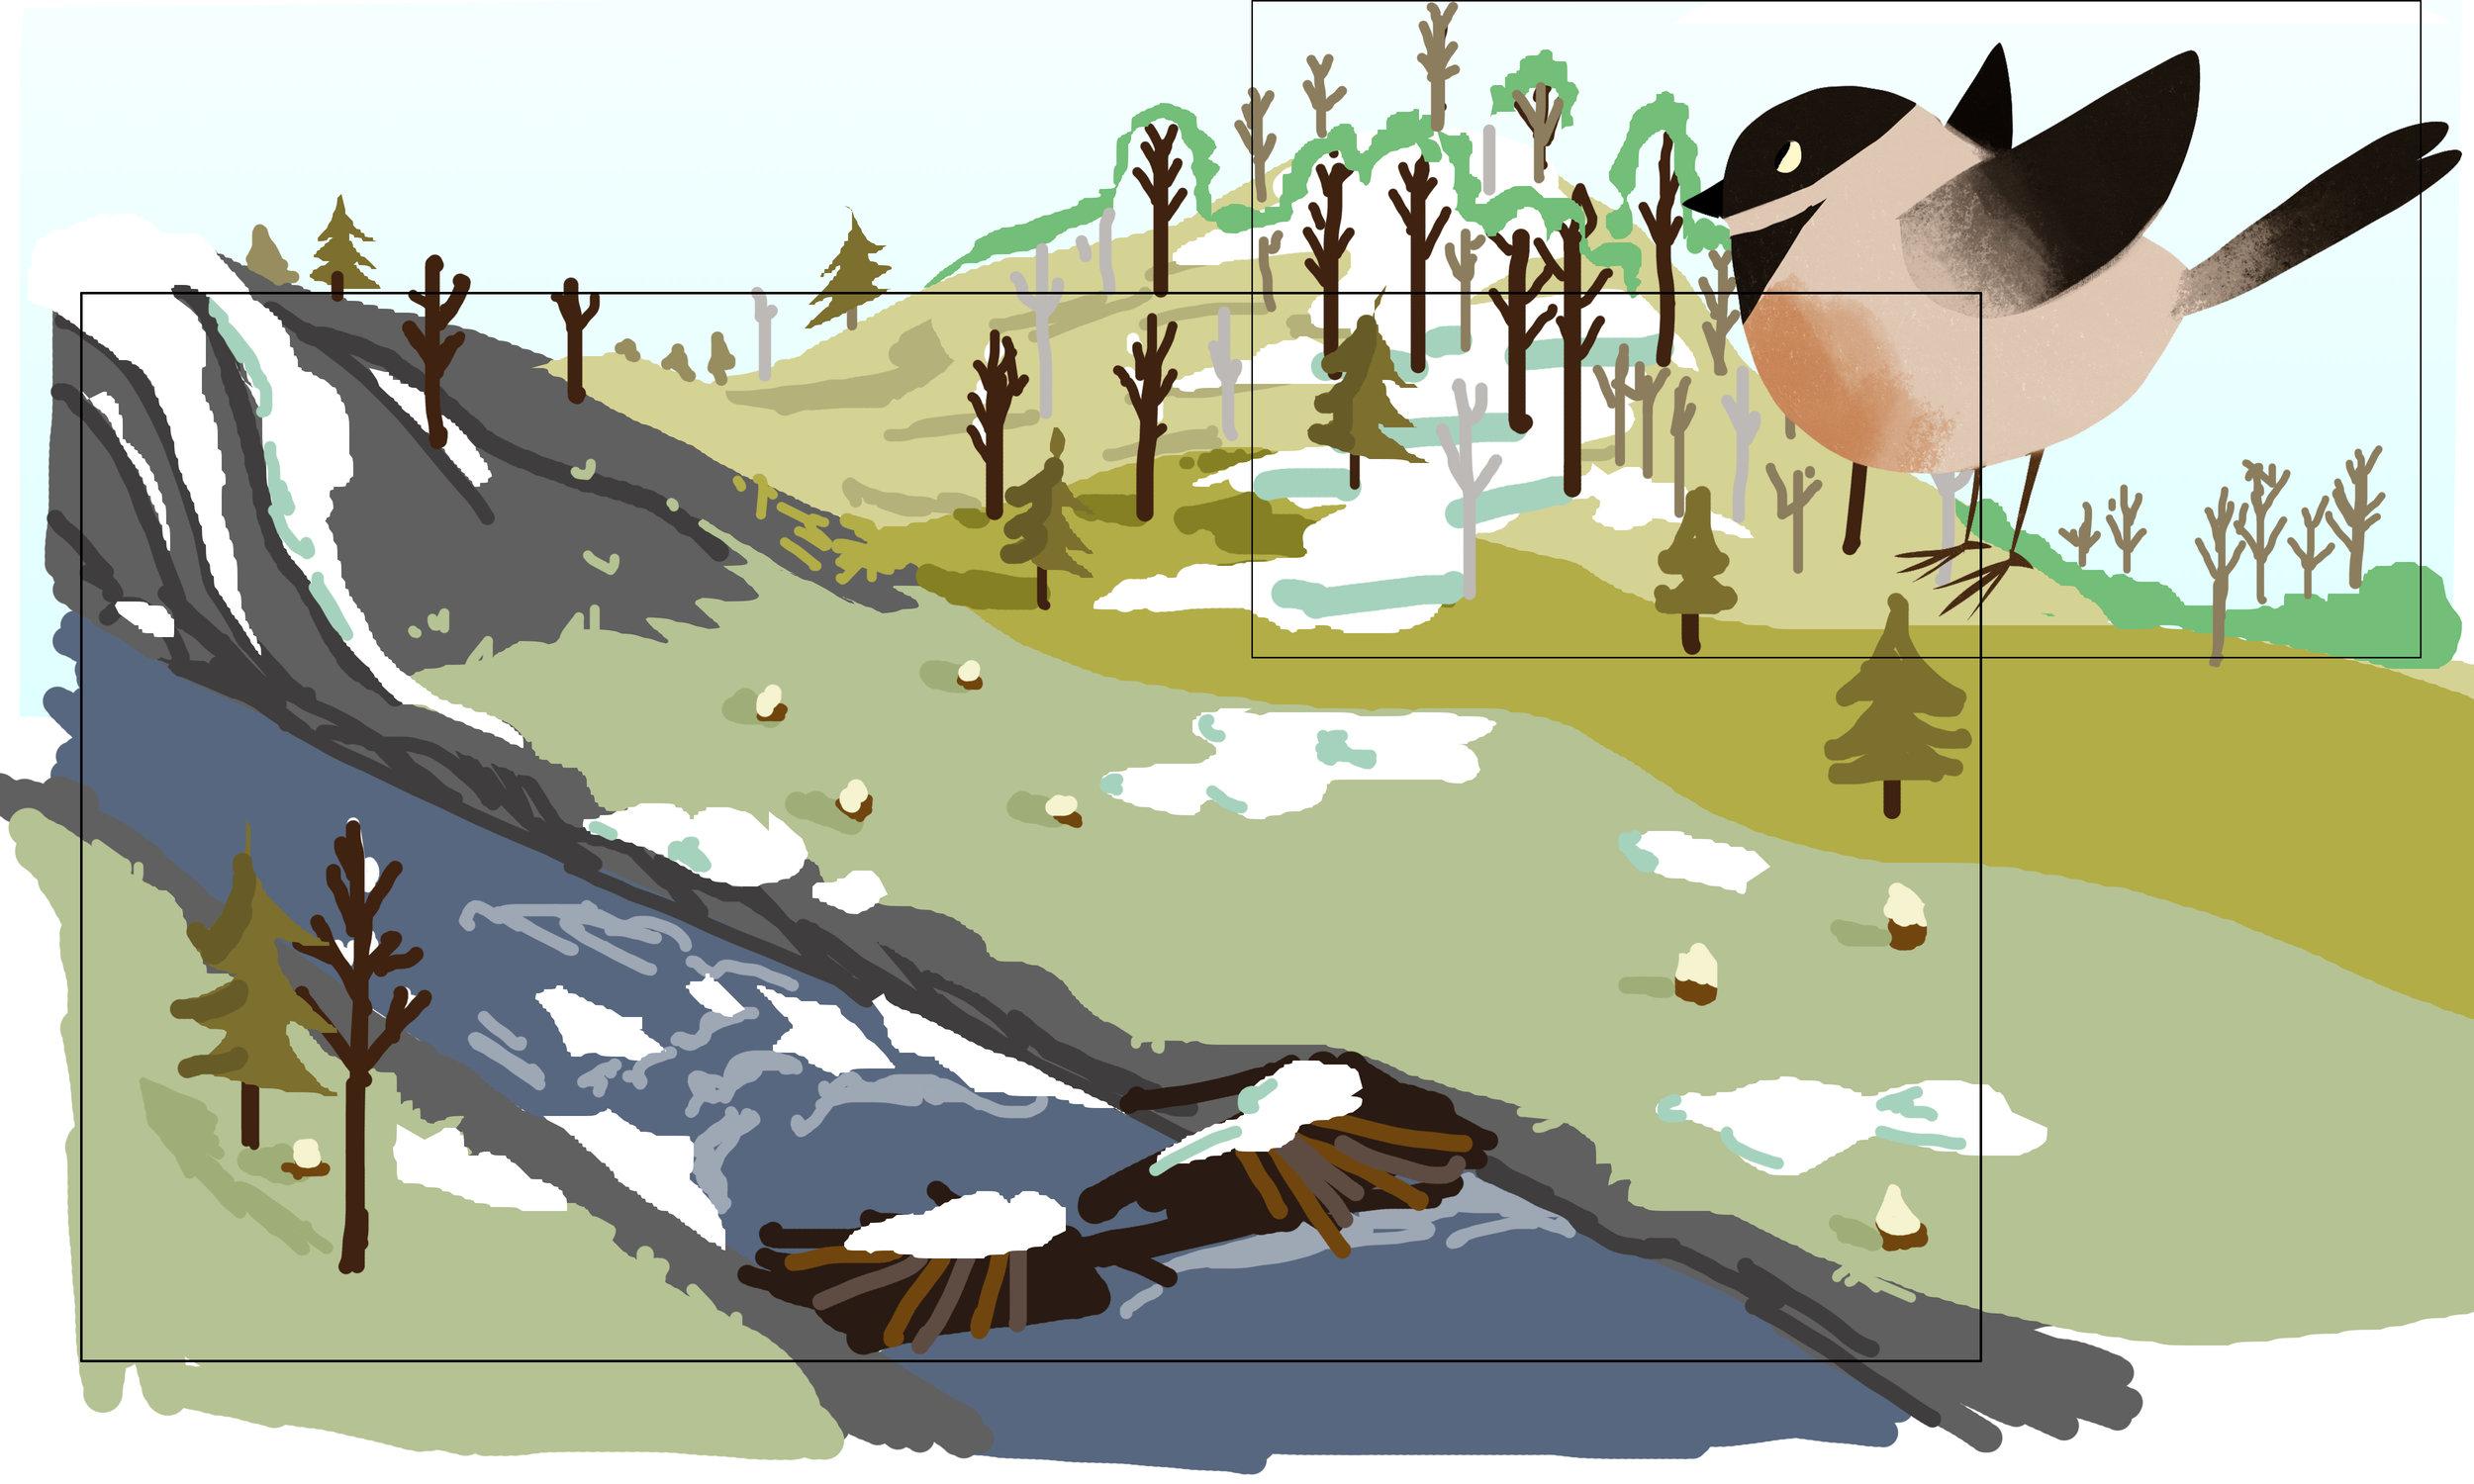 spring_Sc14_papa_sweptaway_thumbnail.jpg